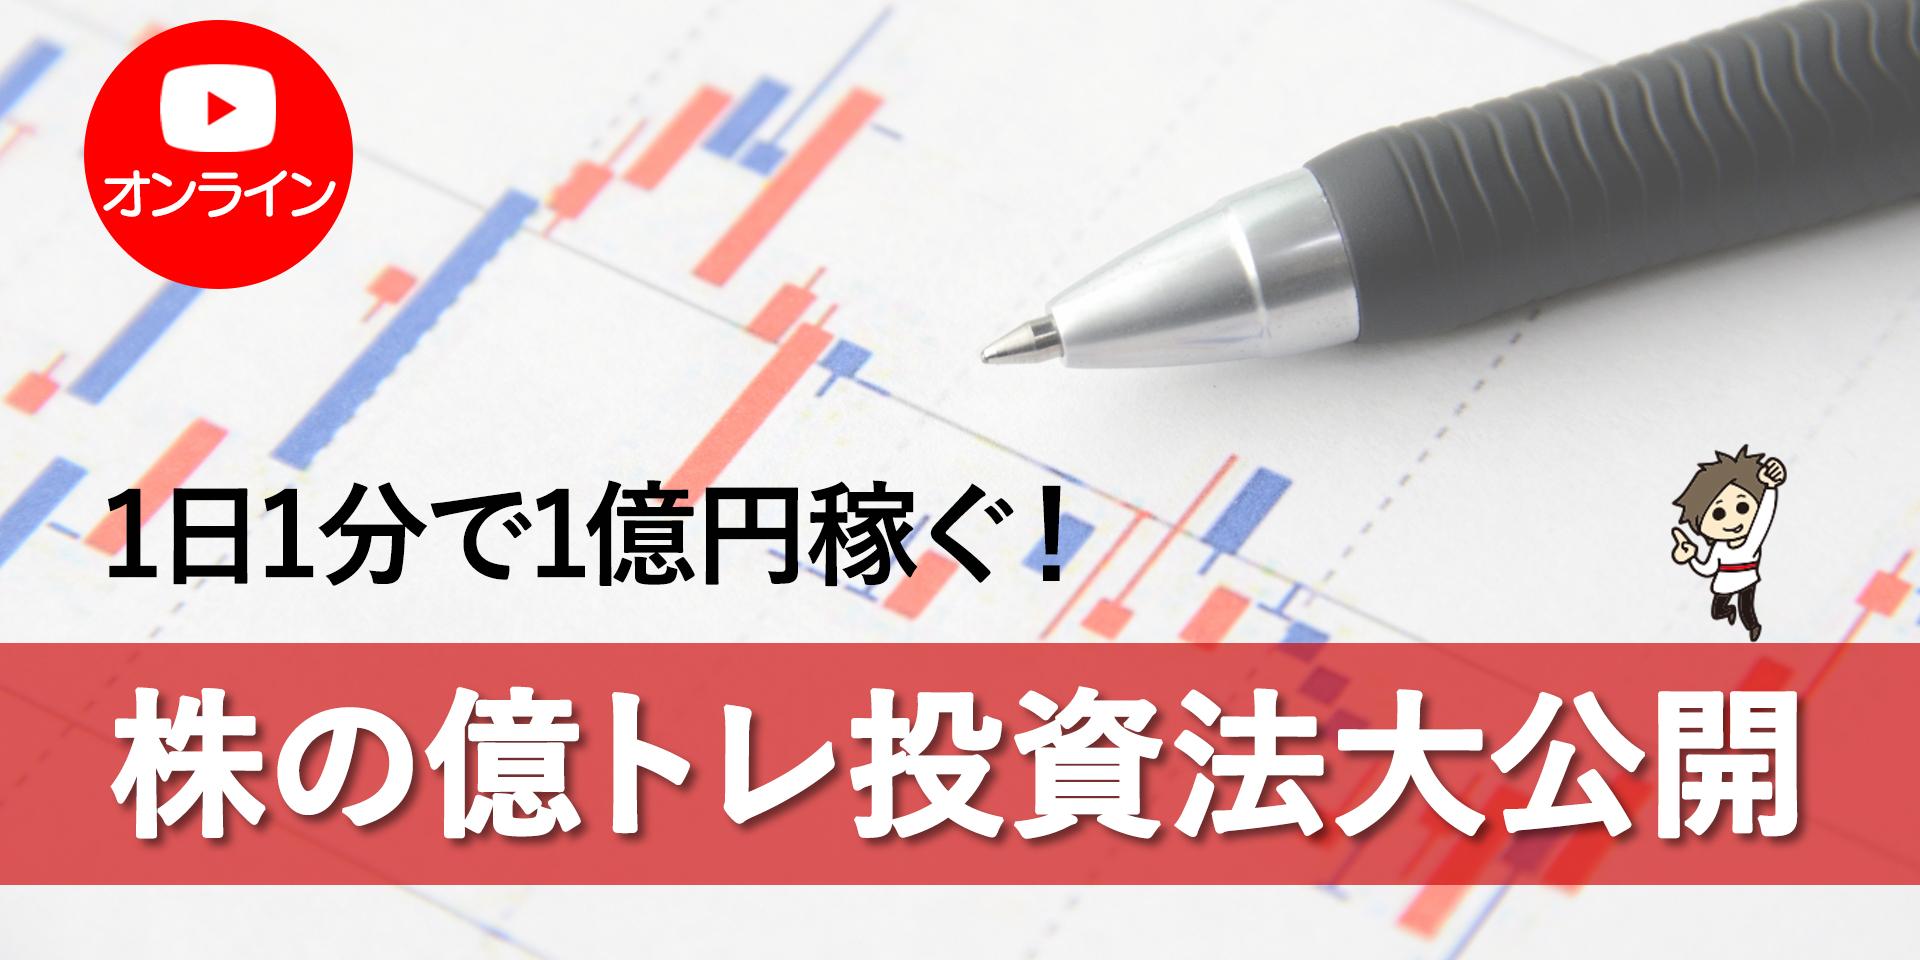 1分で1億円株式セミナーオンライン